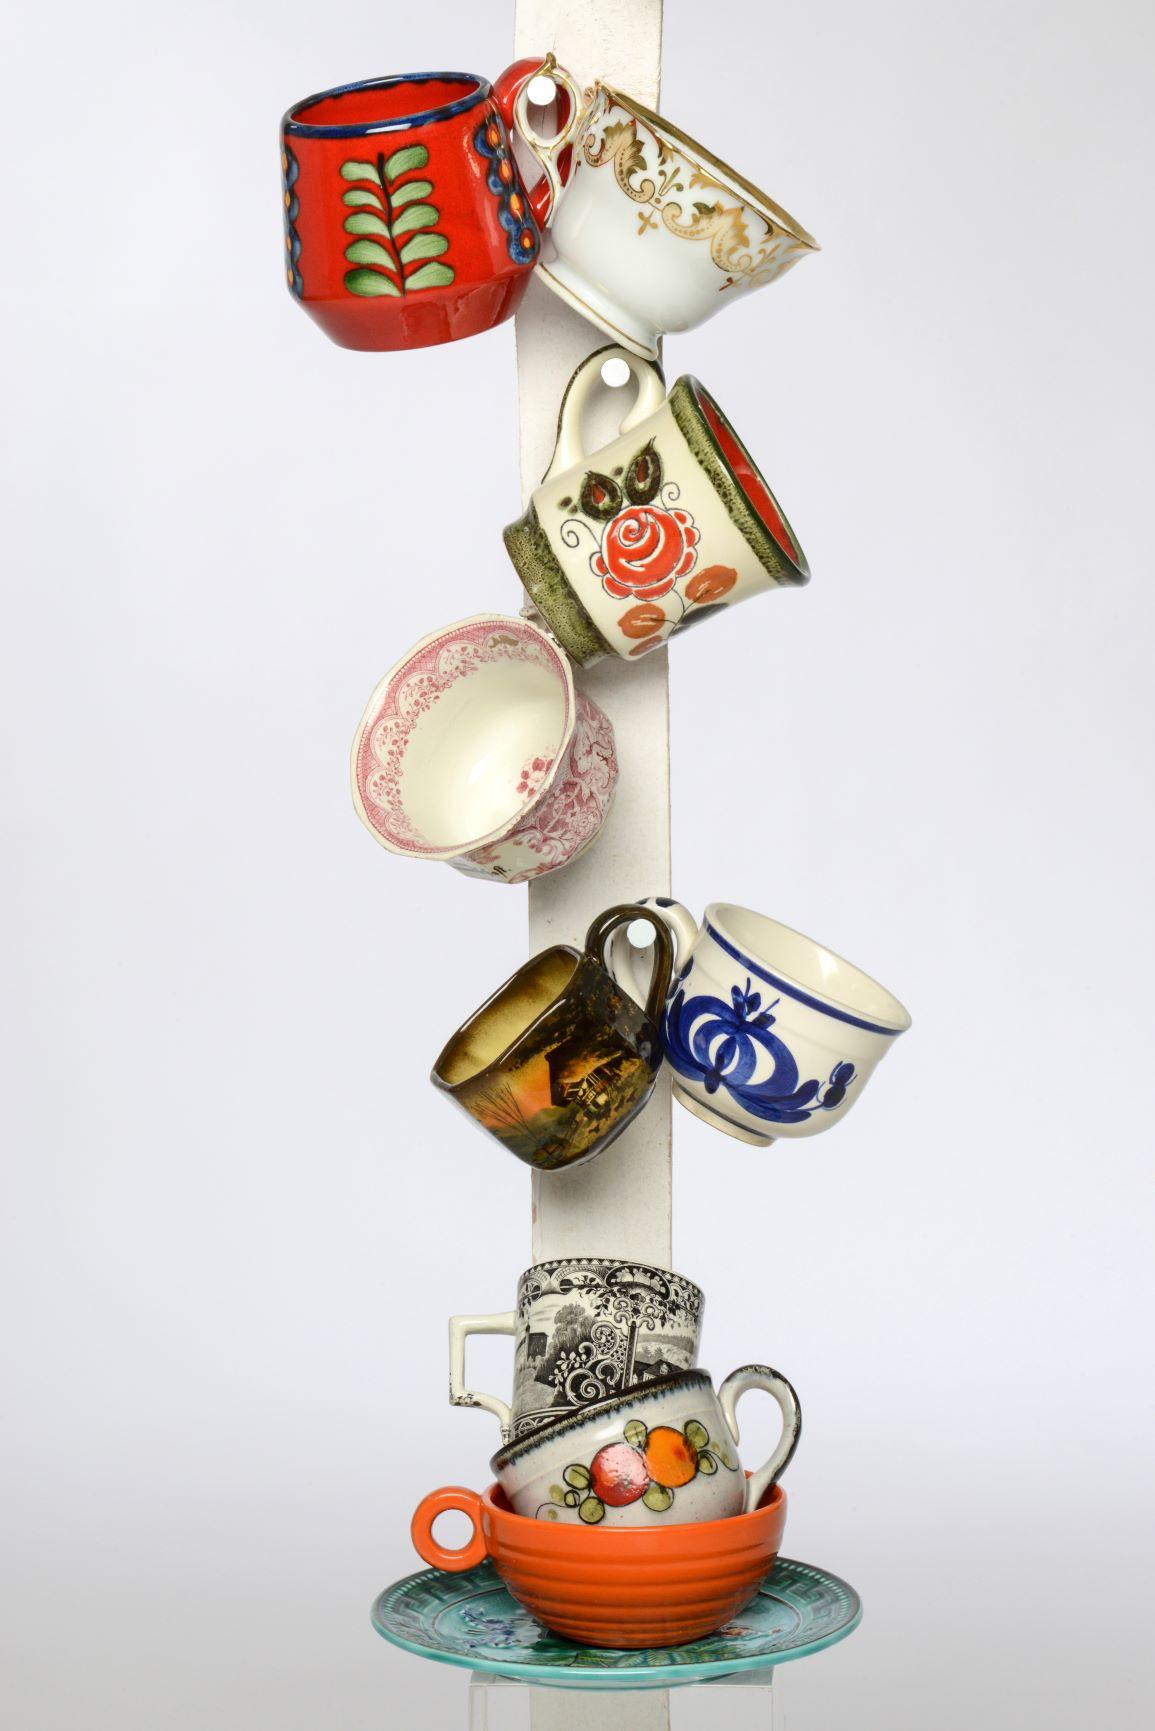 Tassen aller Art aus früheren Zeiten sind im Stadtmuseum jetzt auch in einer Spenden- und Tauschbörse zu haben. Foto: Martin Kasenbacher / Stadtmuseum Schramberg